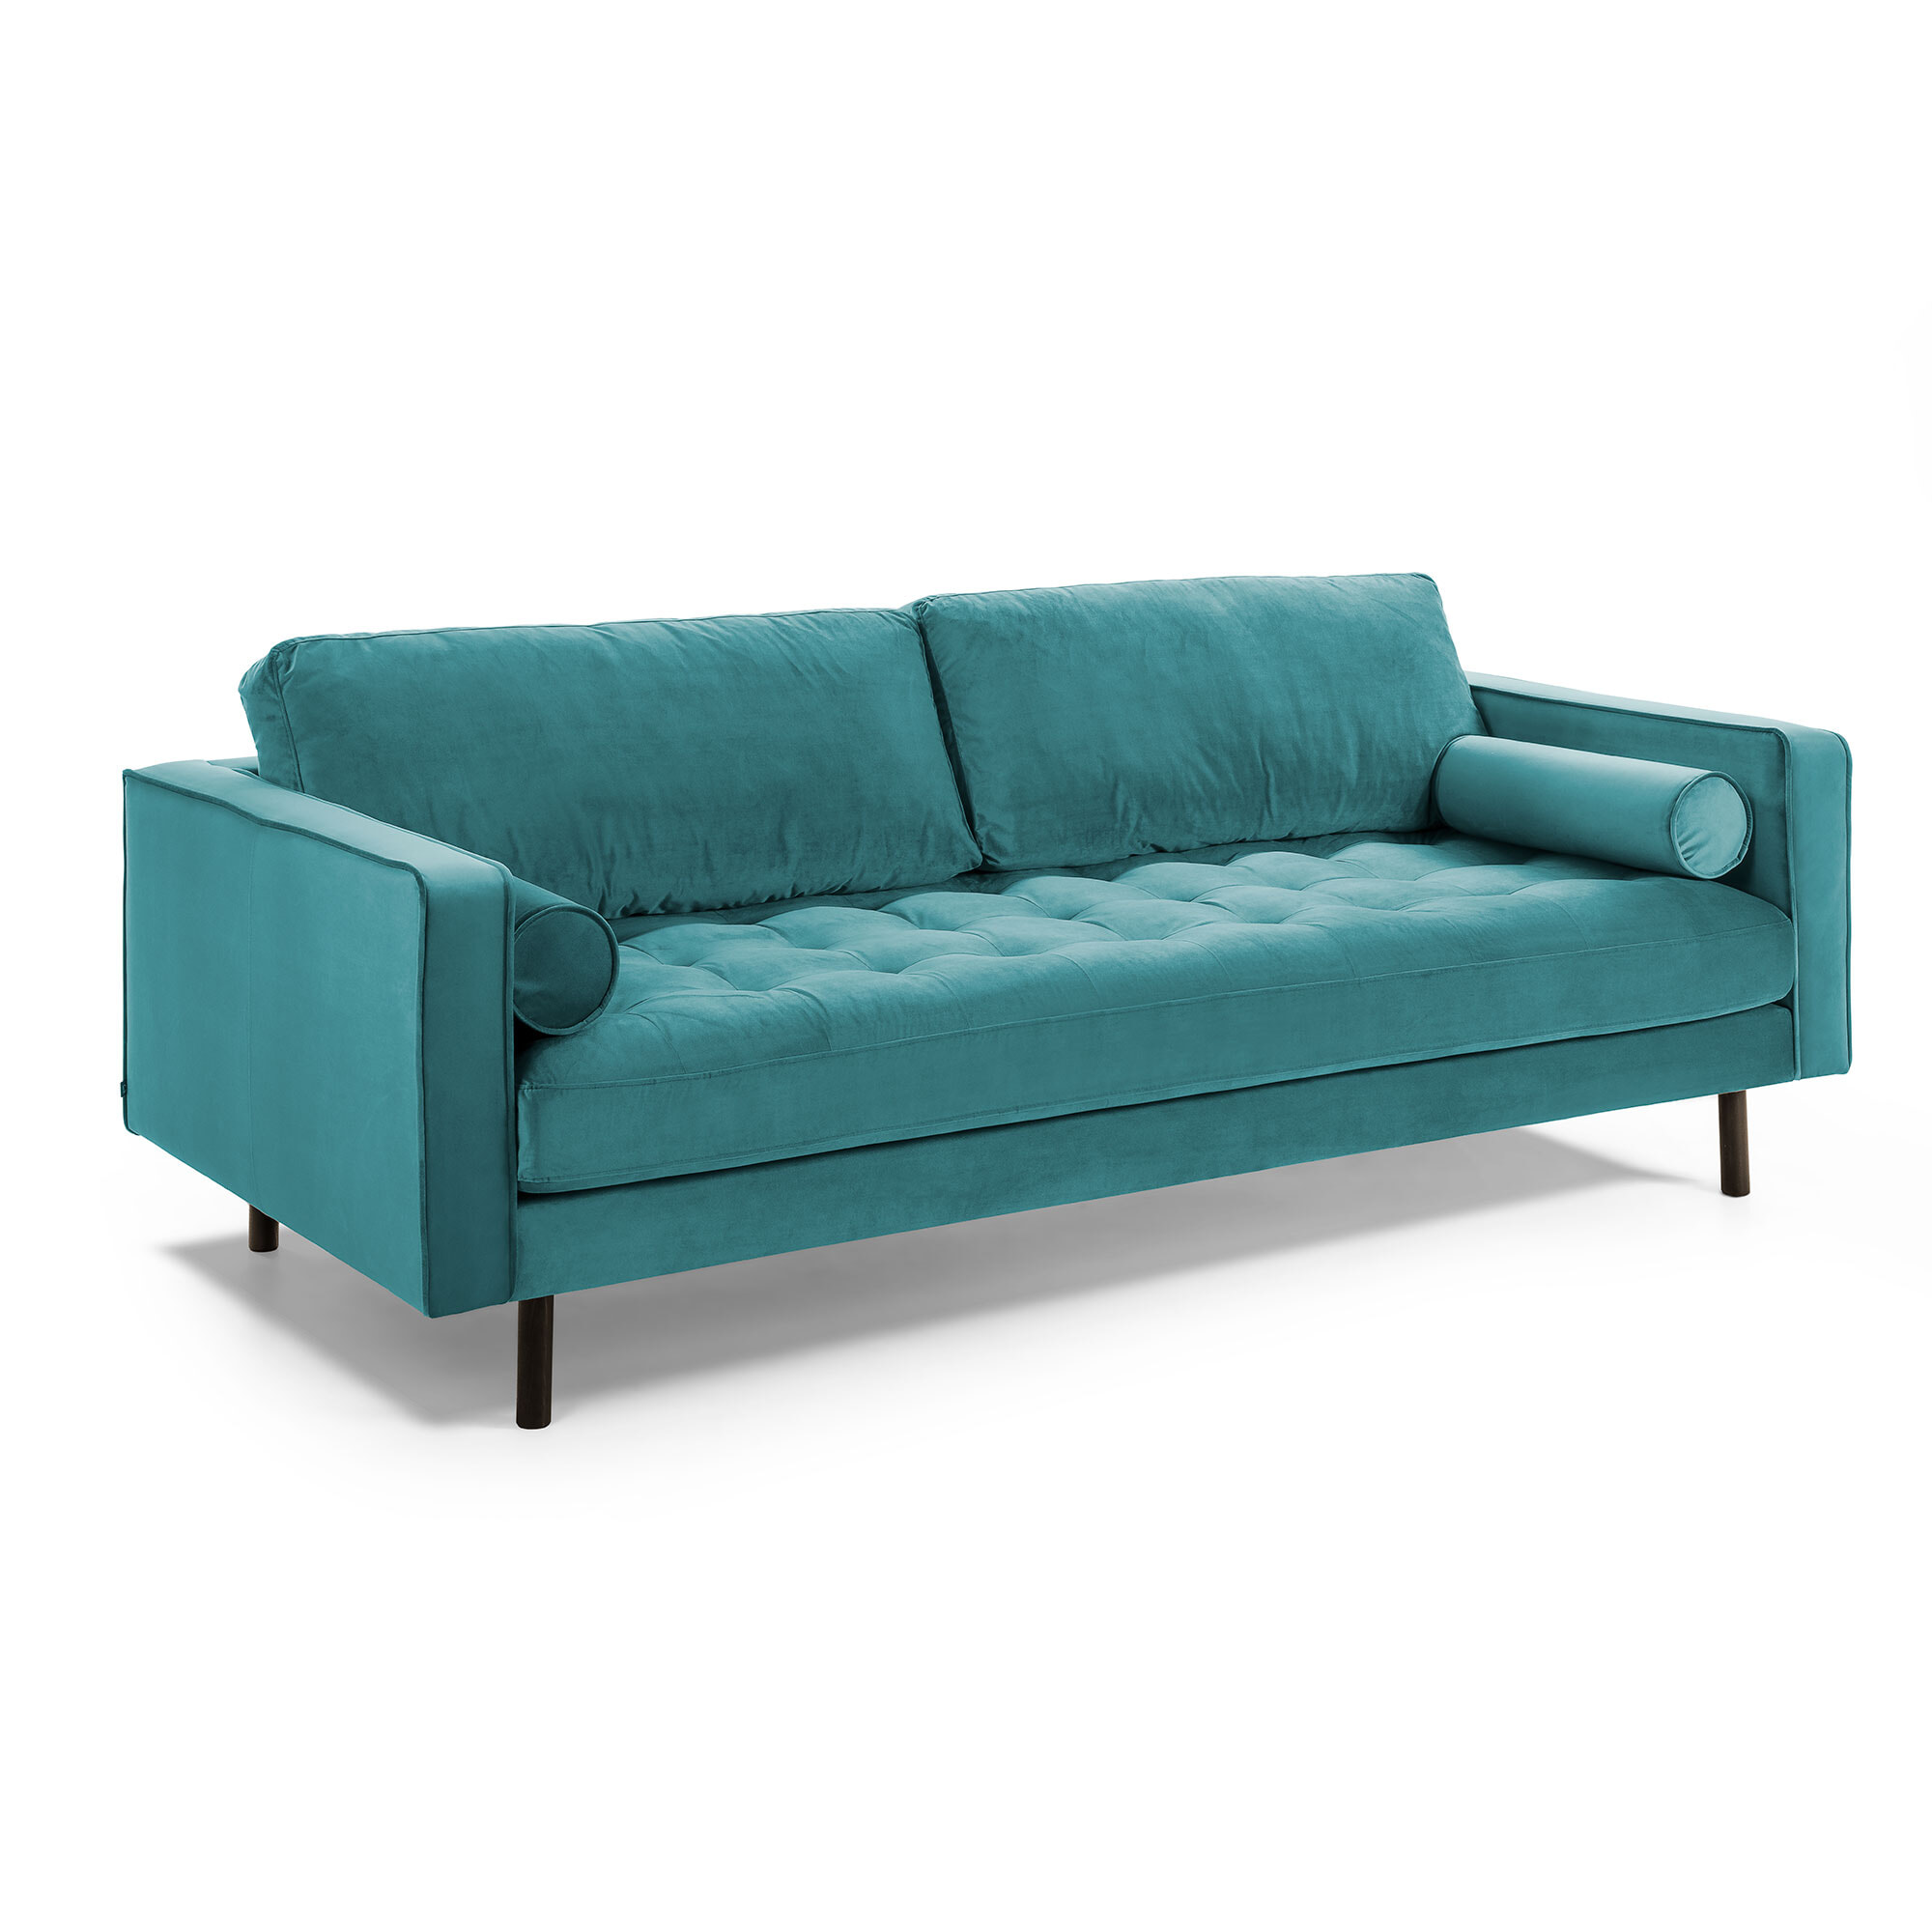 Kave Home Bank 'Debra' 3-zits, Velvet, kleur Turquoise